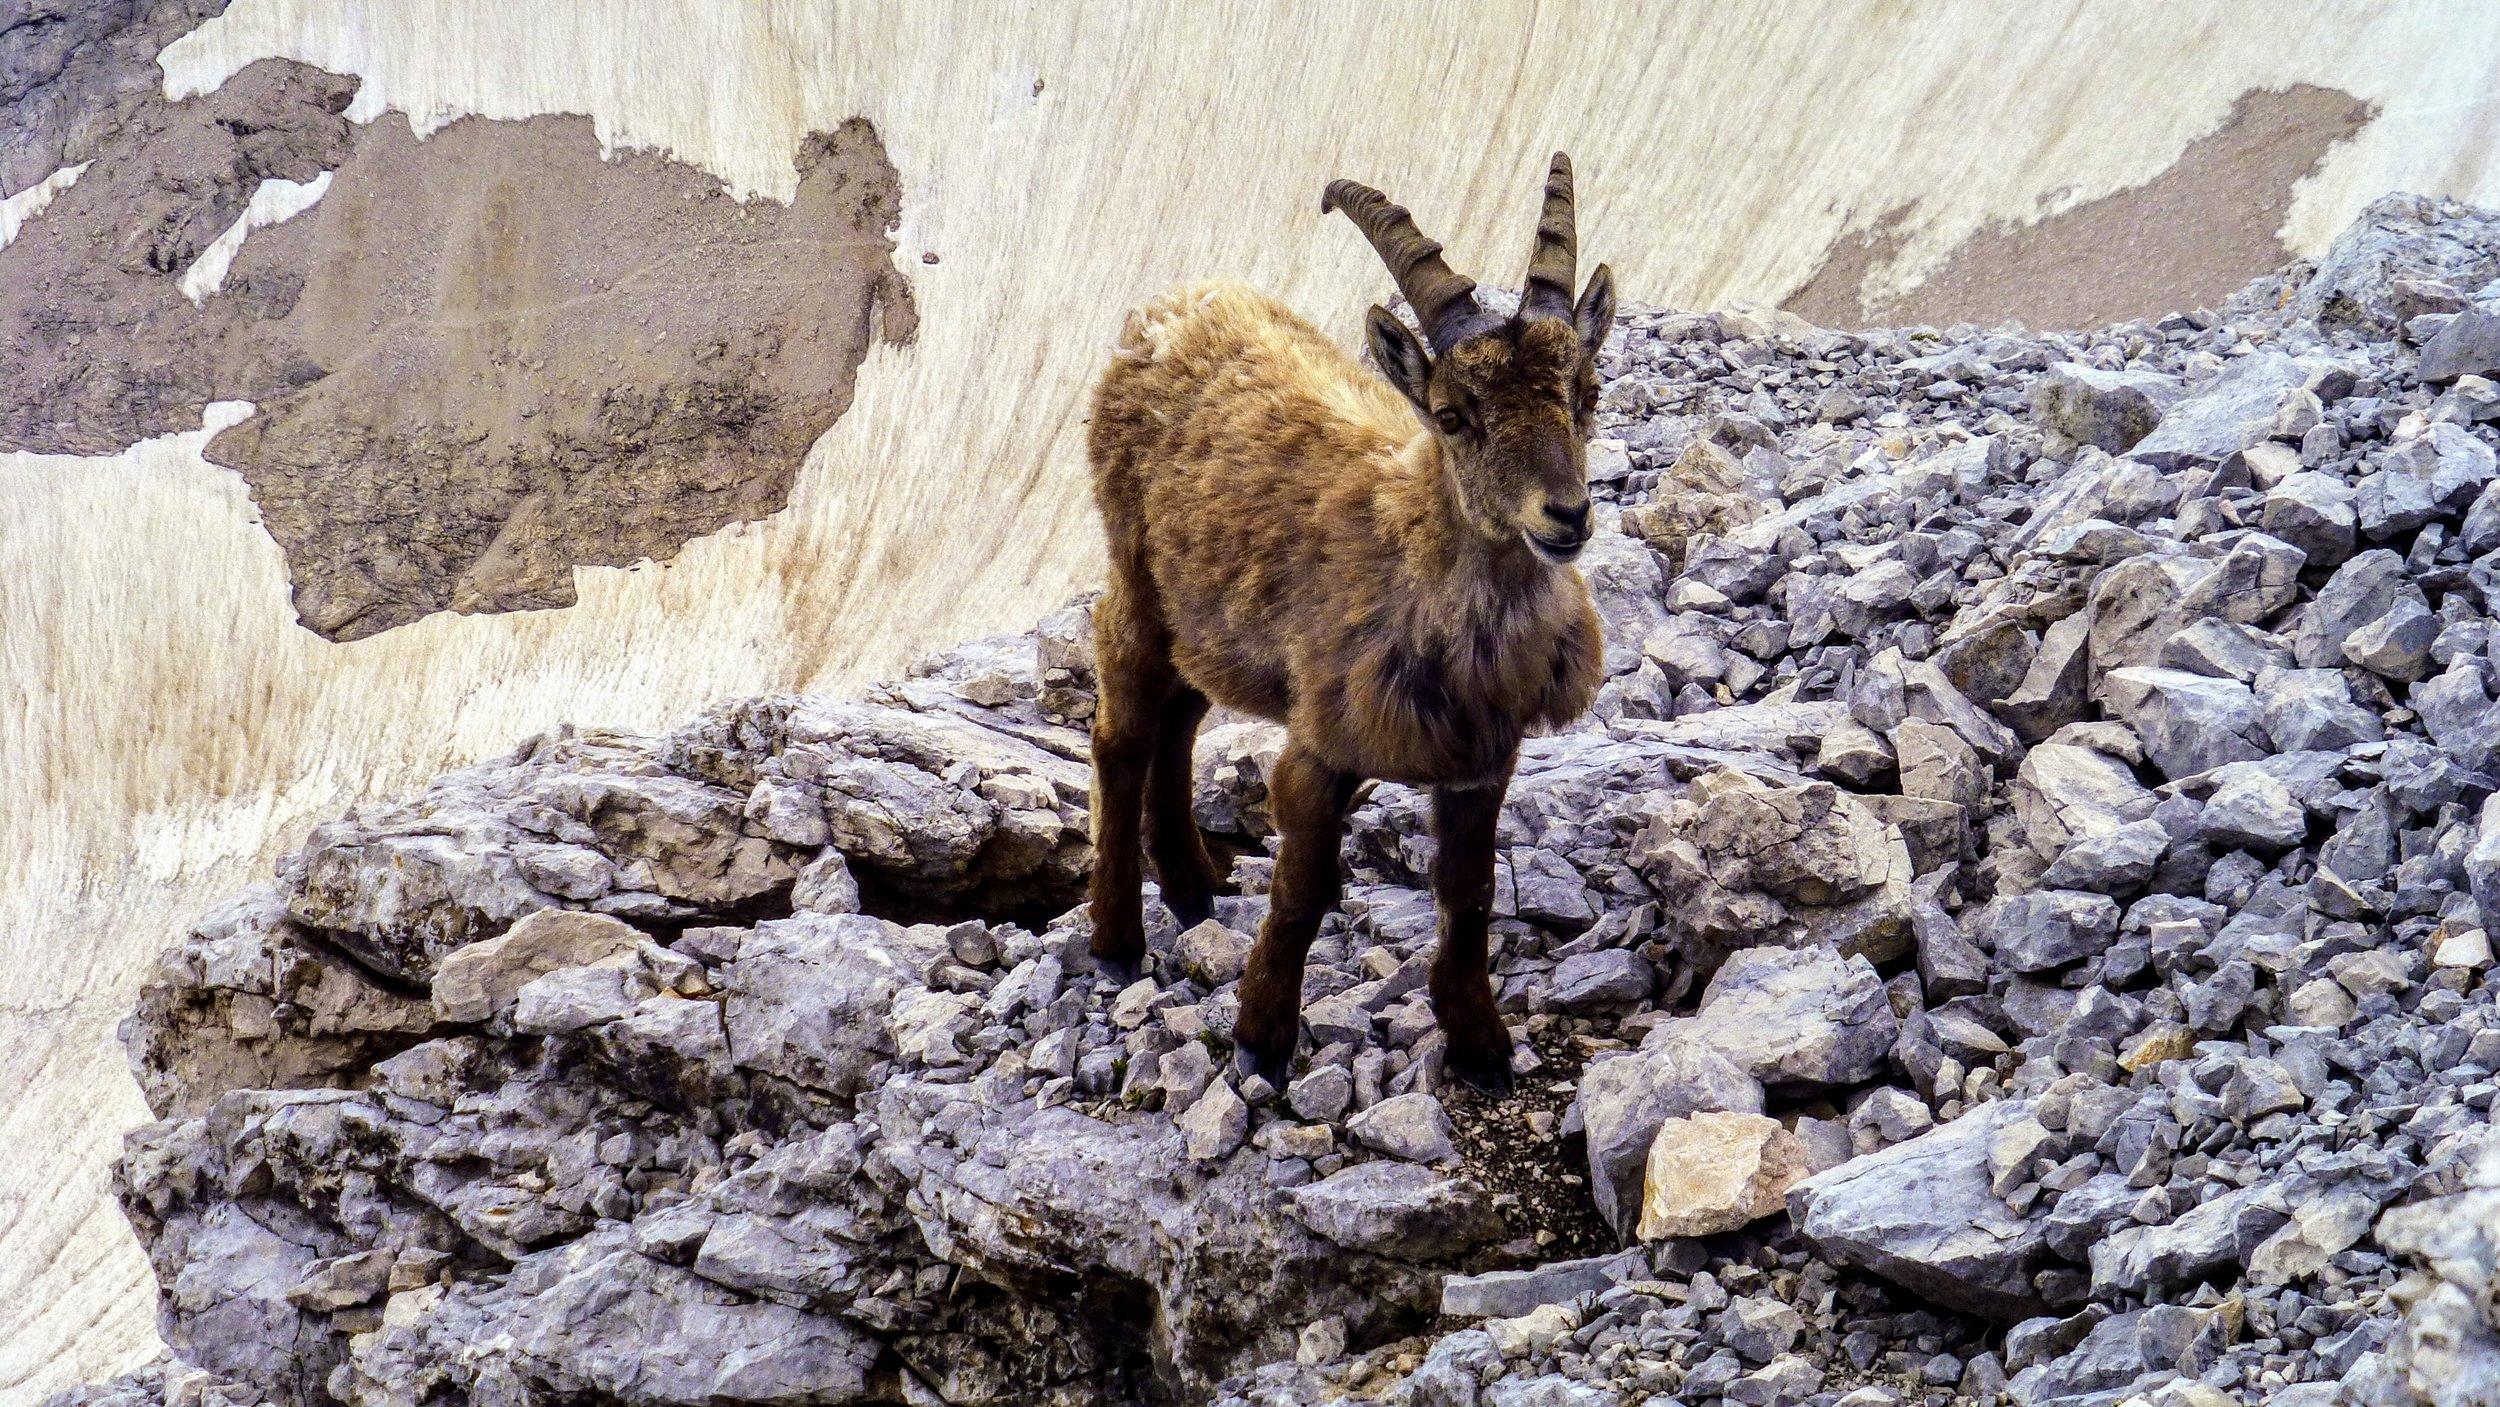 The mountain goat